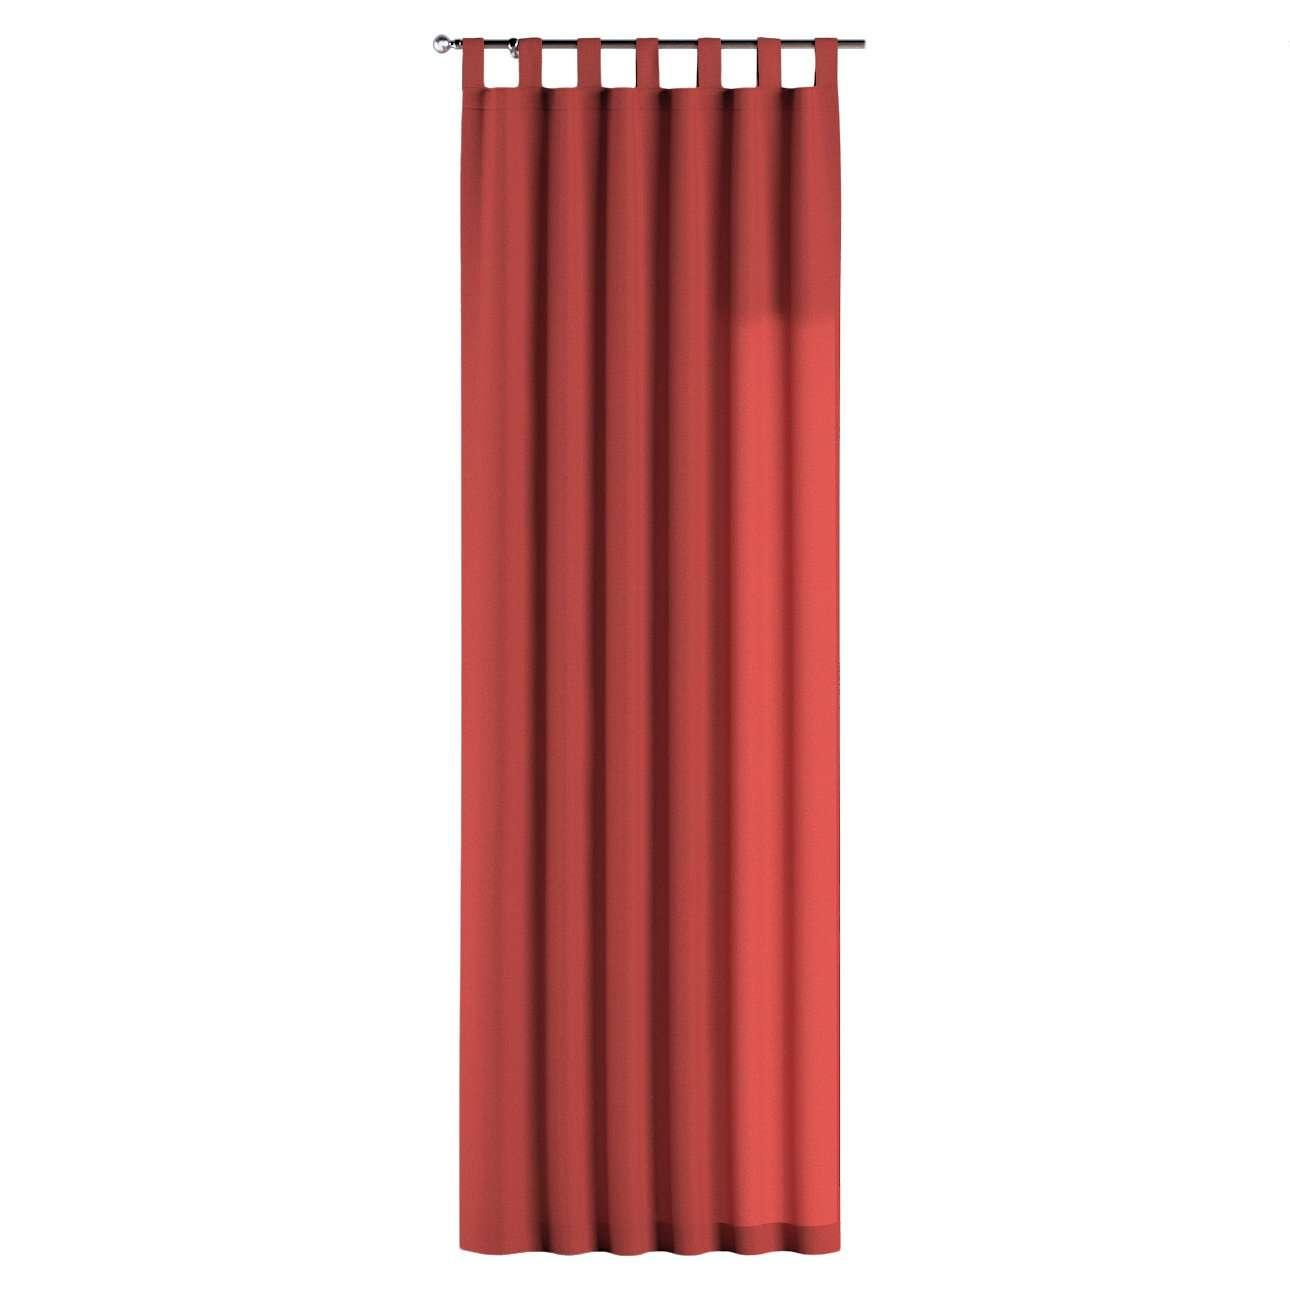 Gardin med stropper 1 stk. fra kolleksjonen Wooly, Stoffets bredde: 142-33